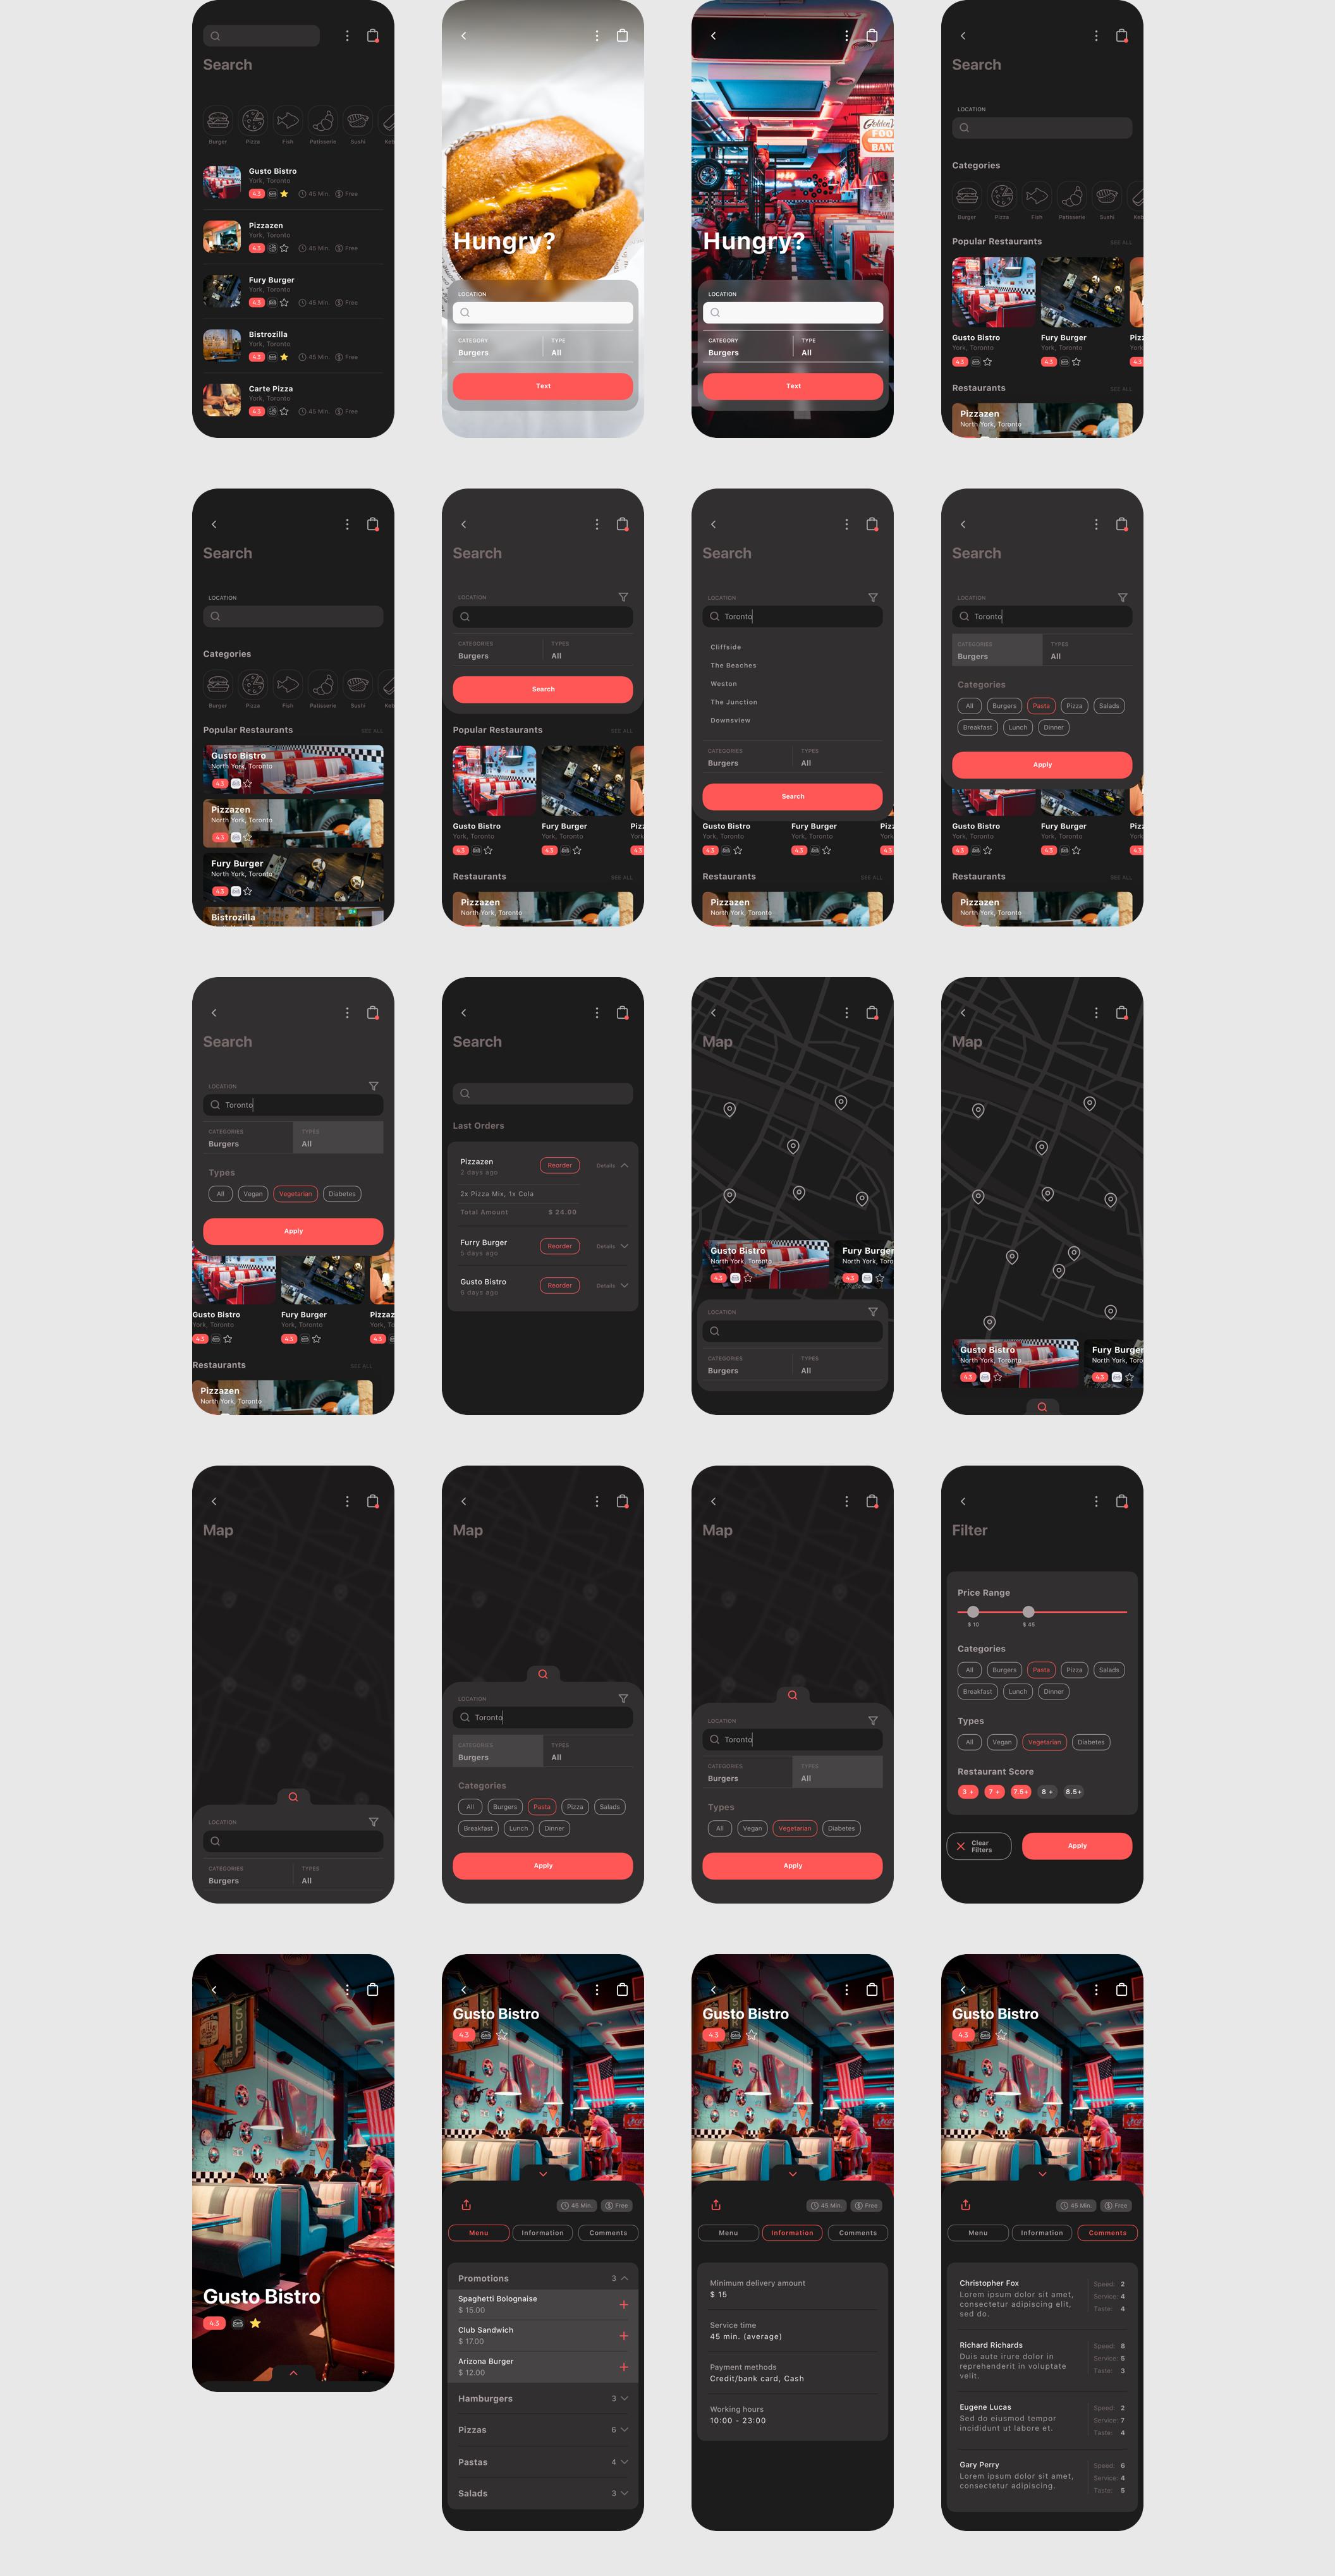 食品外卖配送服务移动应用APP界面设计UI套件 Spes Dark Food Delivery App UI Kit插图(11)